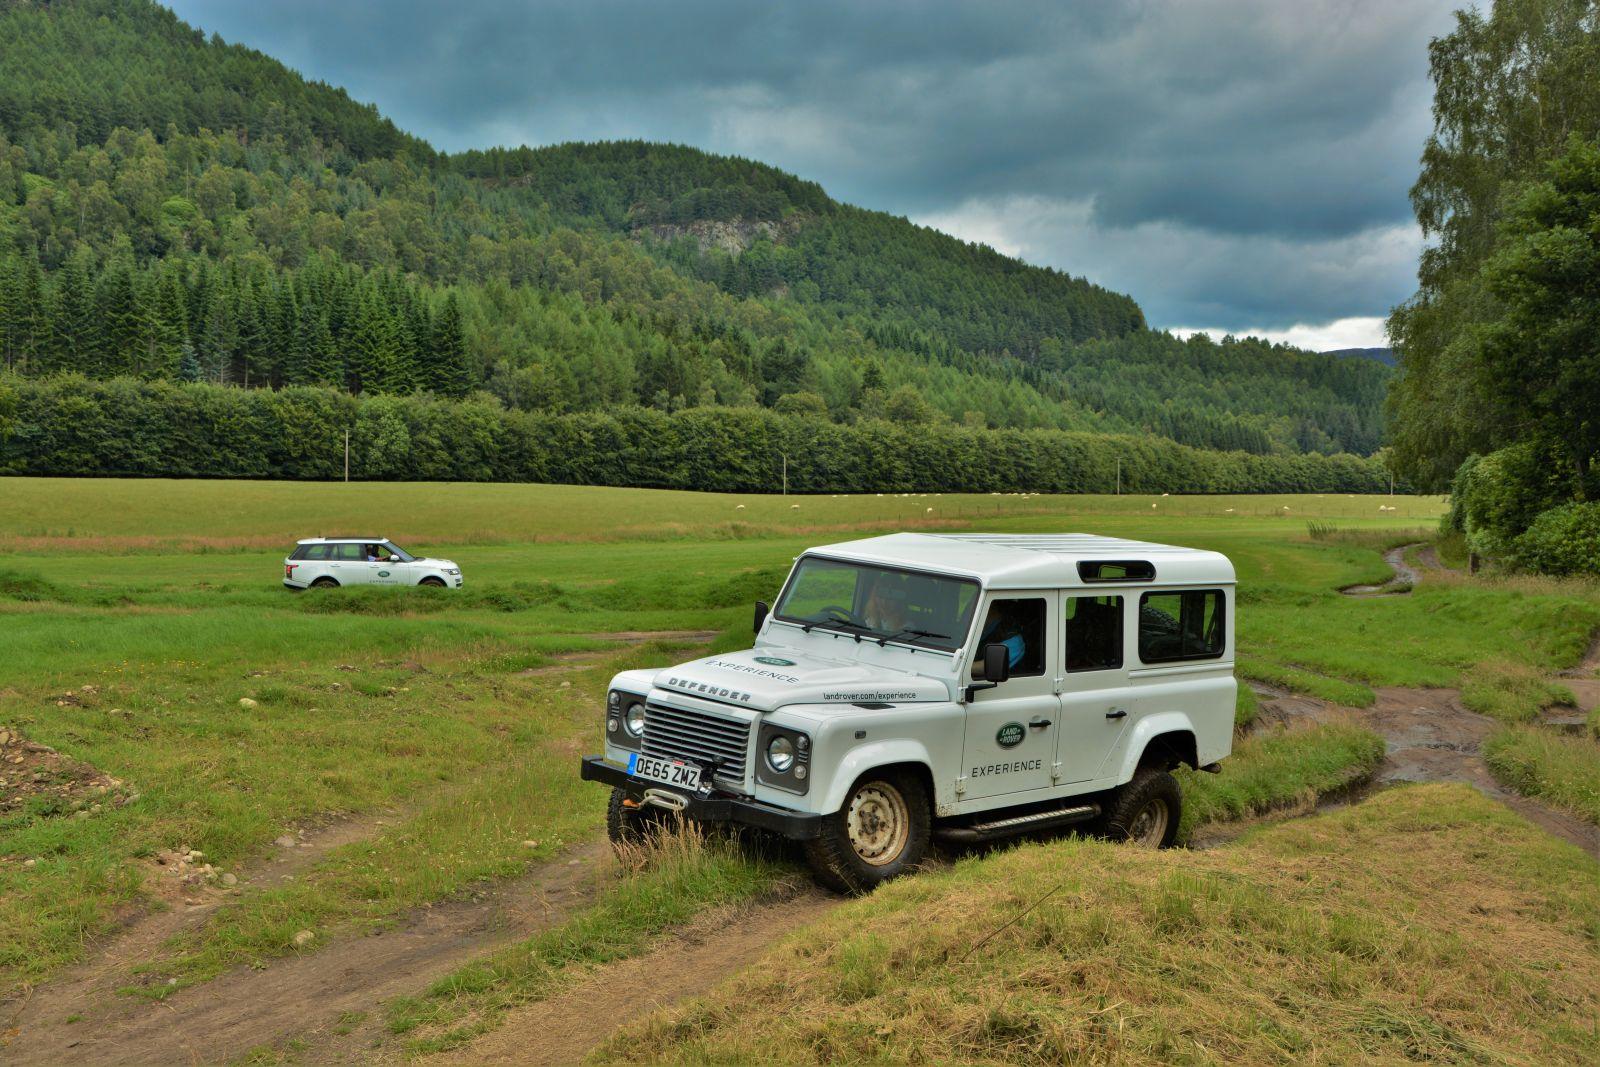 Land Rover Experience Centre Scotland Defender Ranger Rover